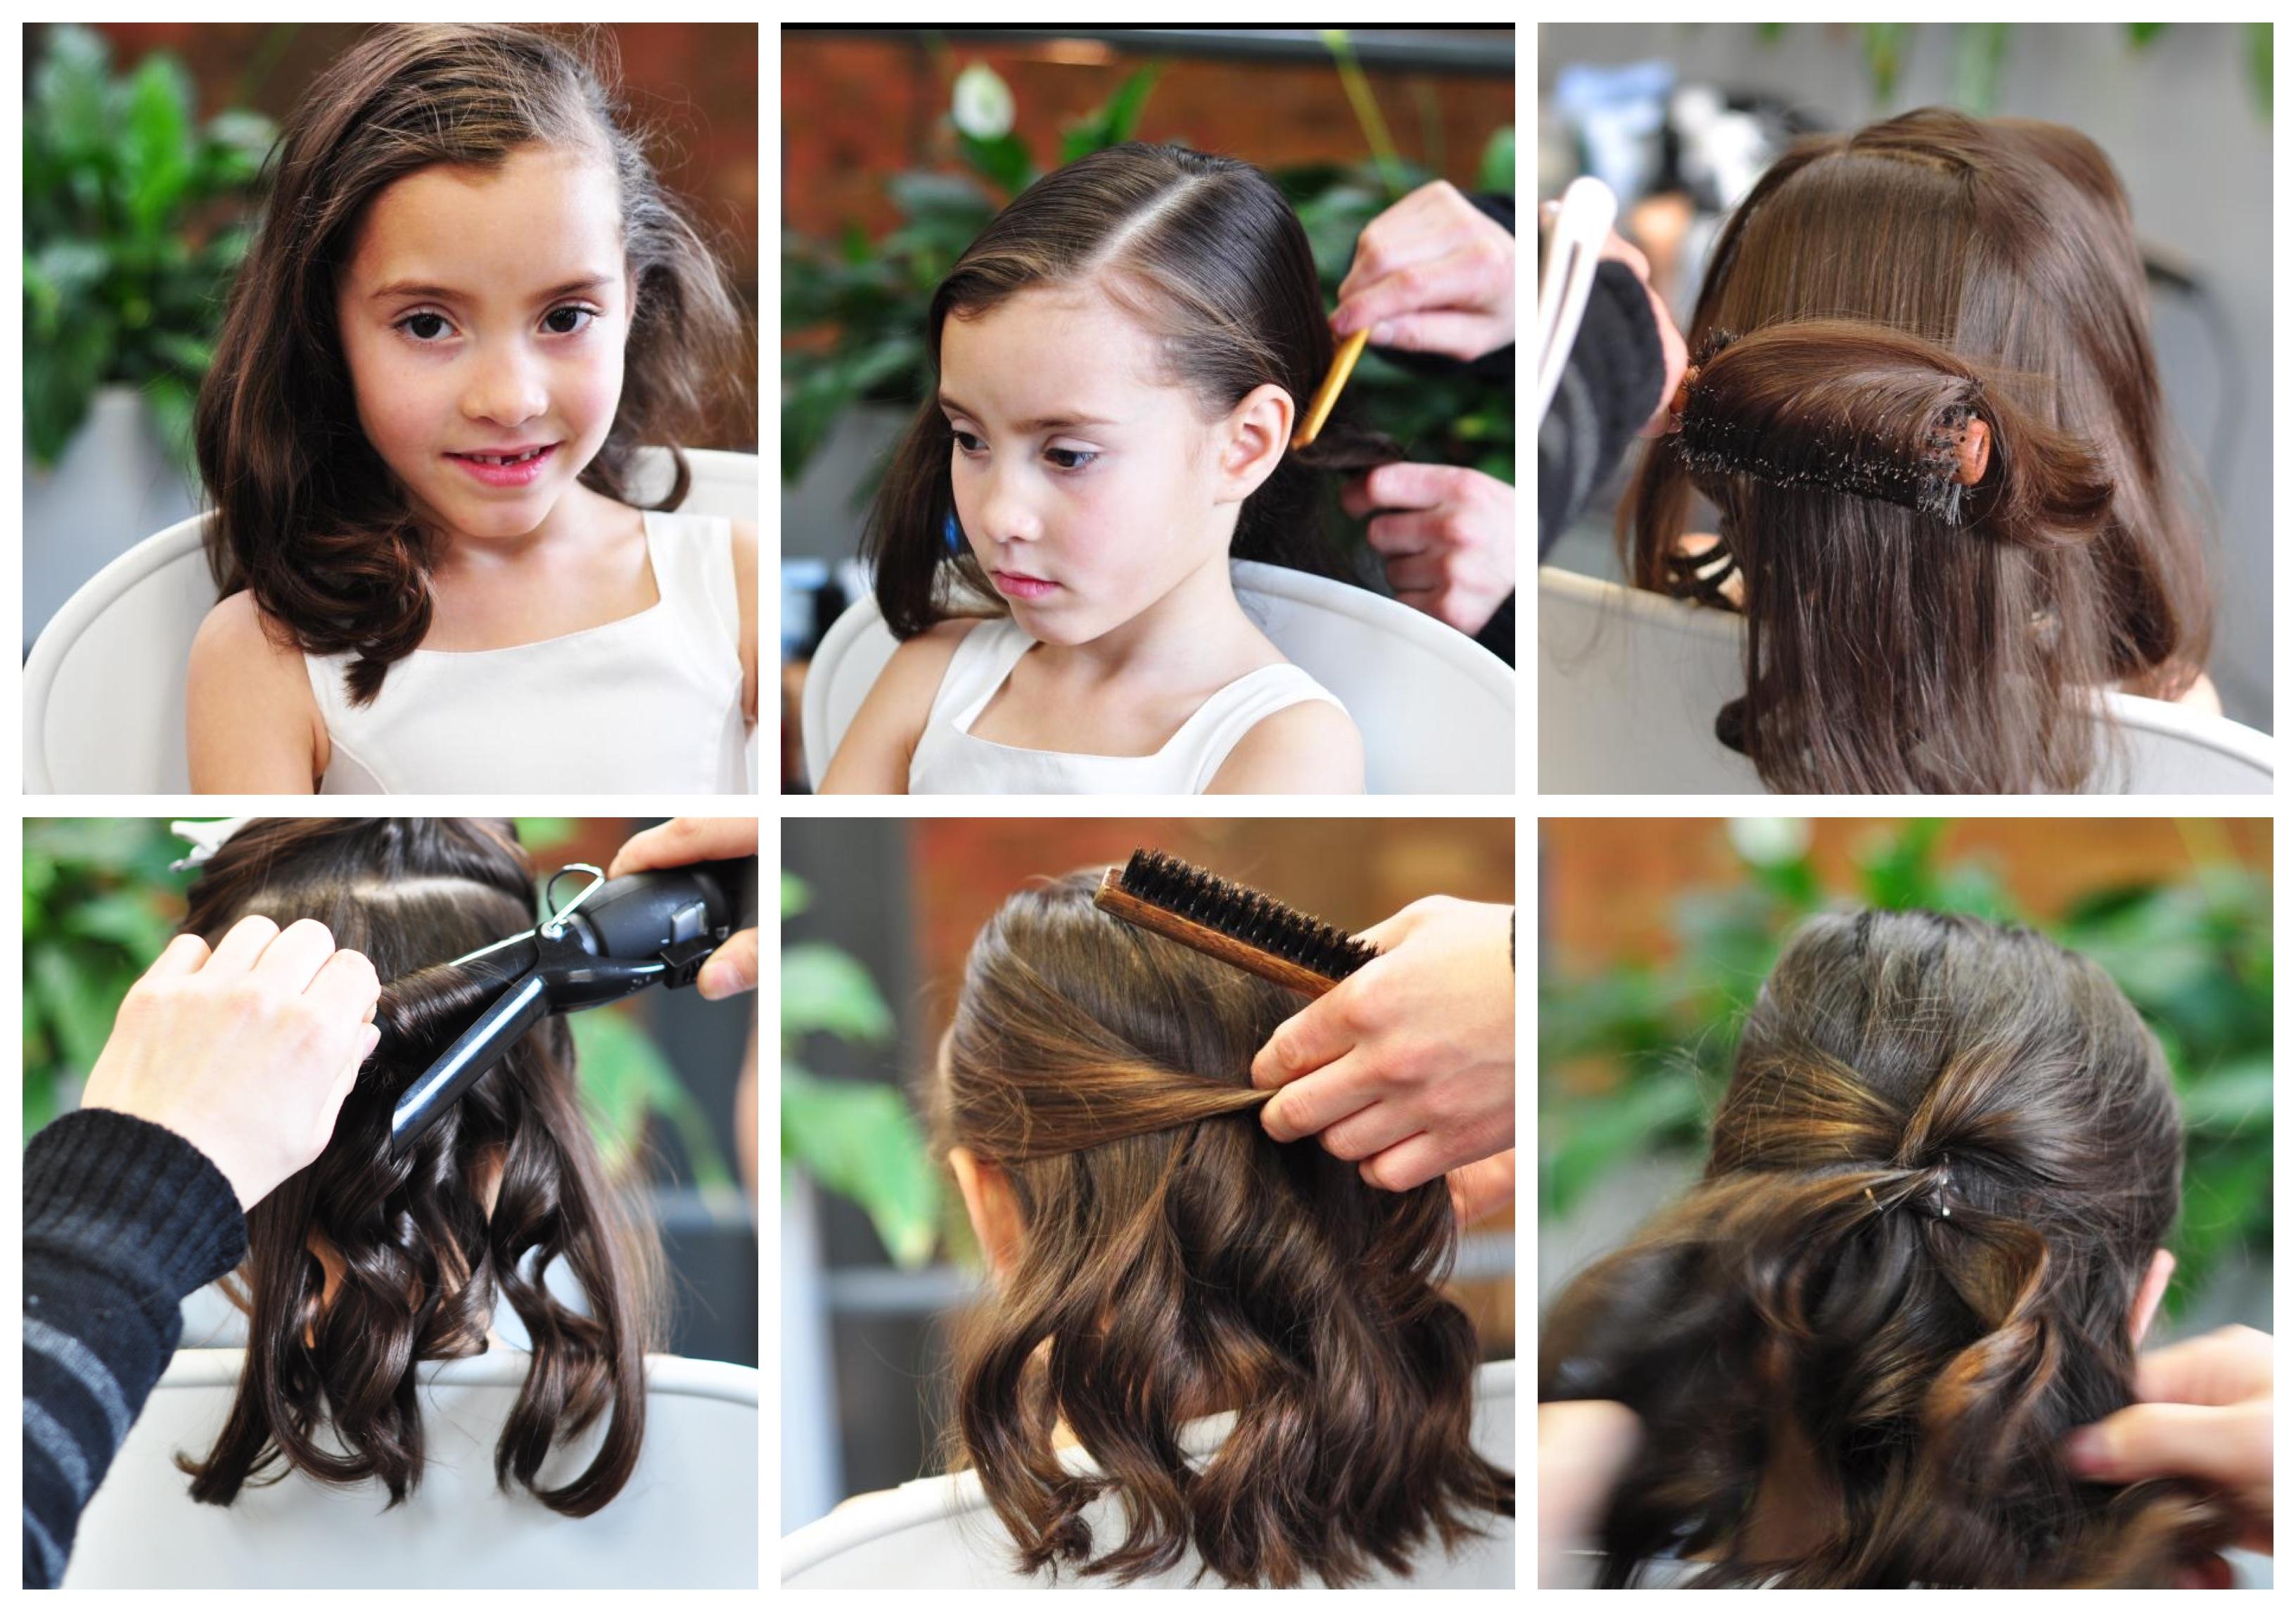 Estilos de cabelo chique mais recentes das meninas com etapas